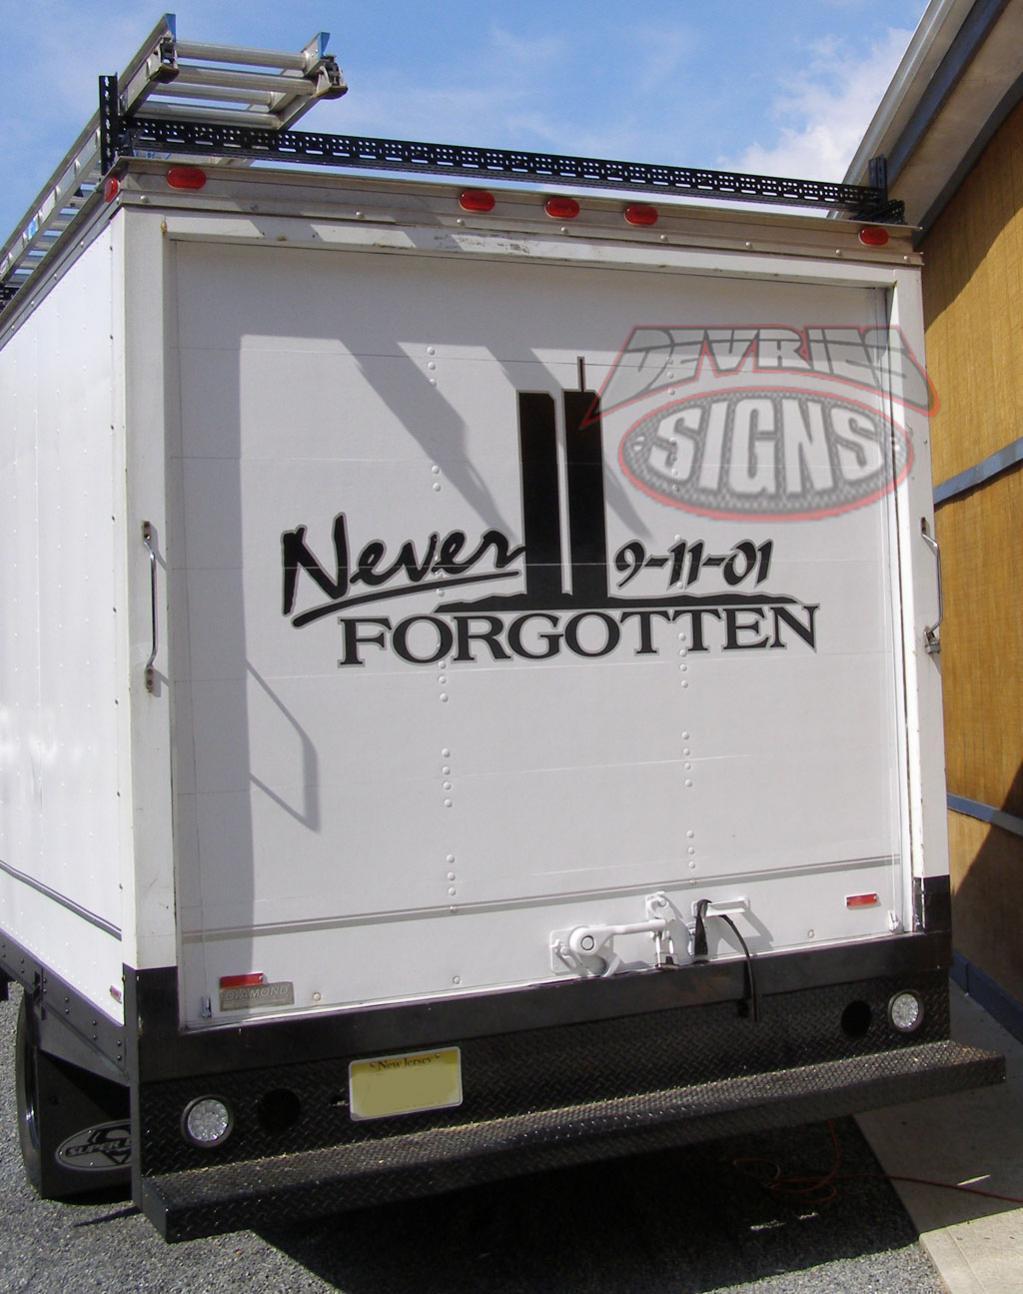 Post your work truck/van thread-sept6-001.jpg